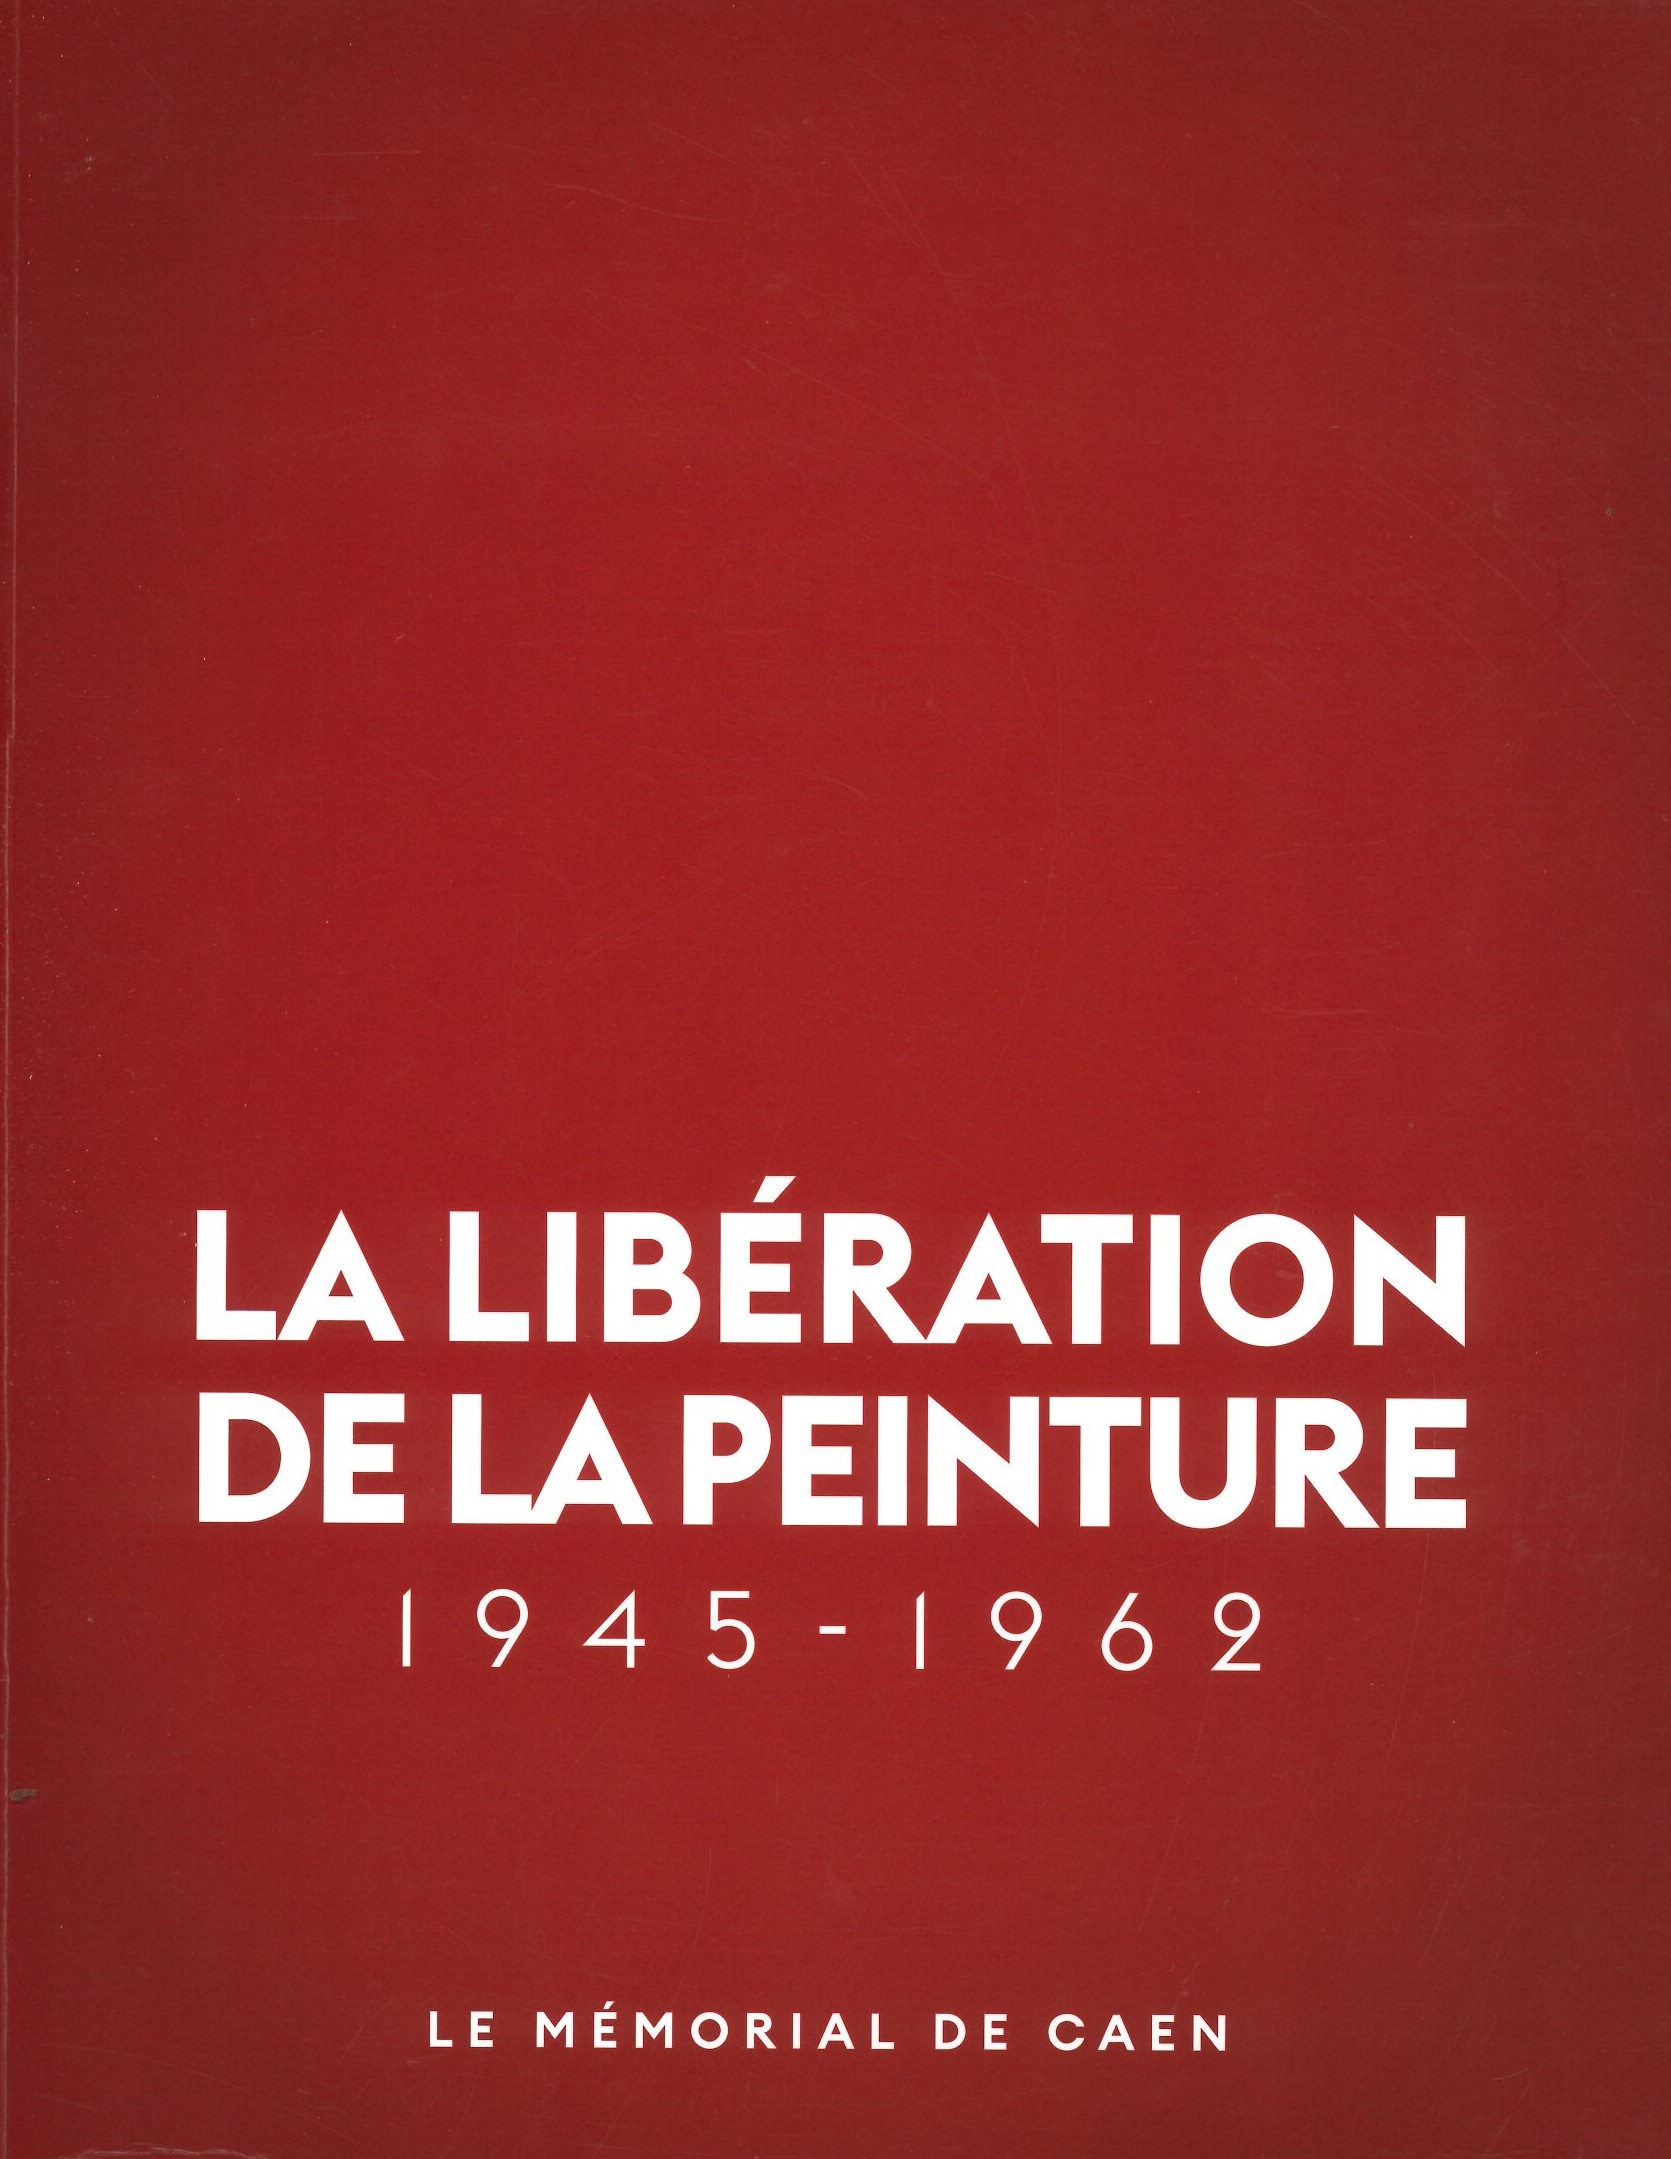 liberation_peinture.jpg